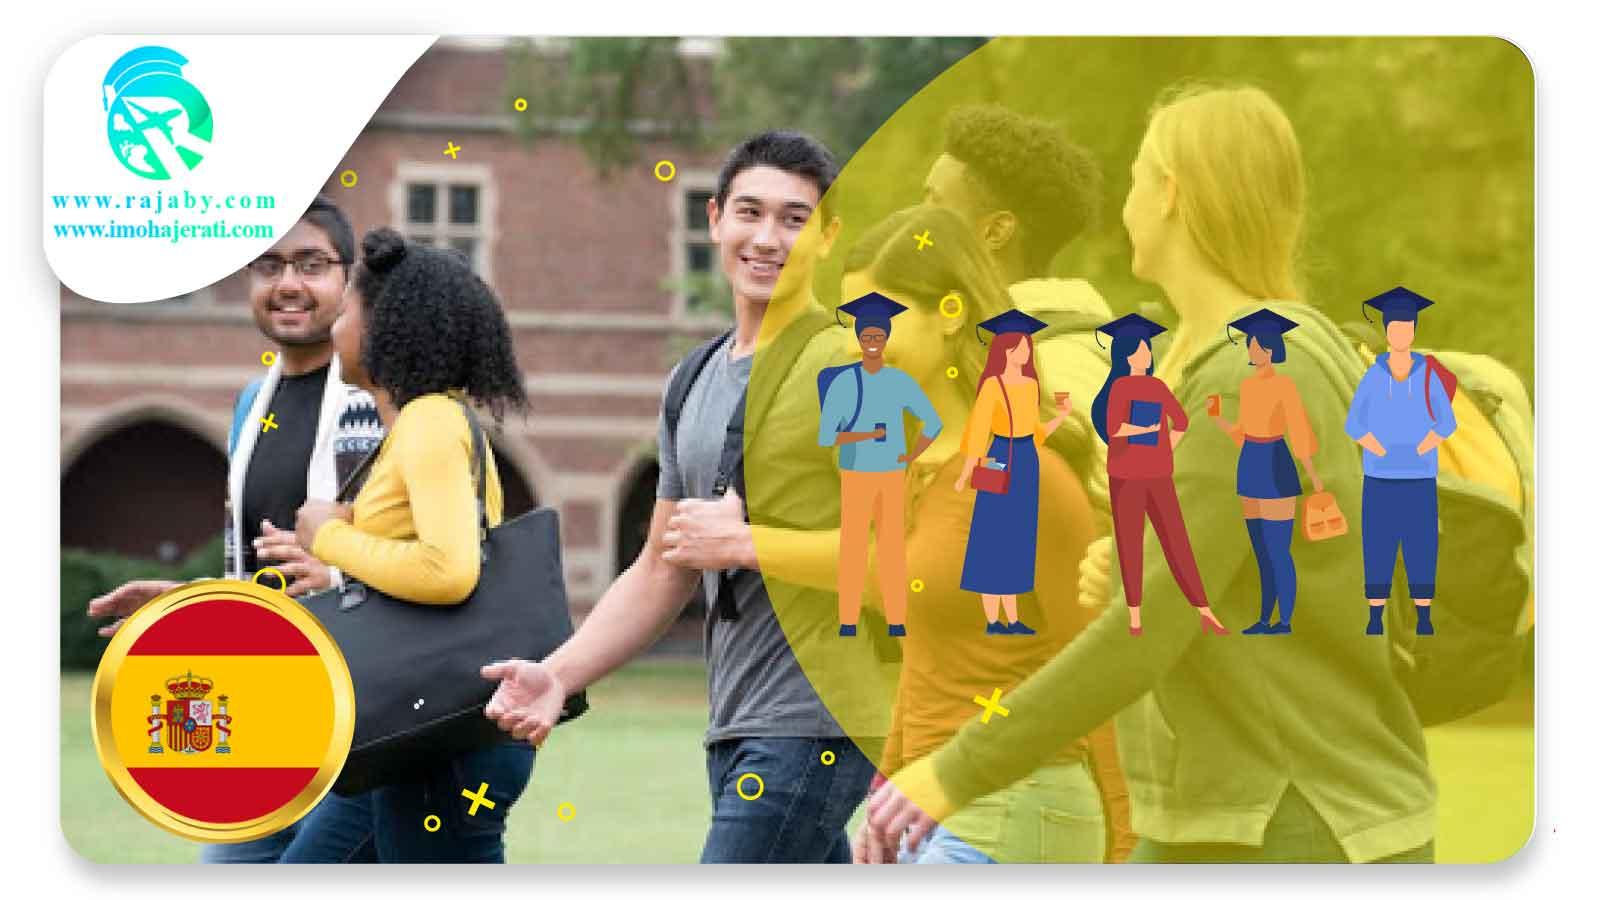 موسسات اعزام دانشجو به اسپانیا